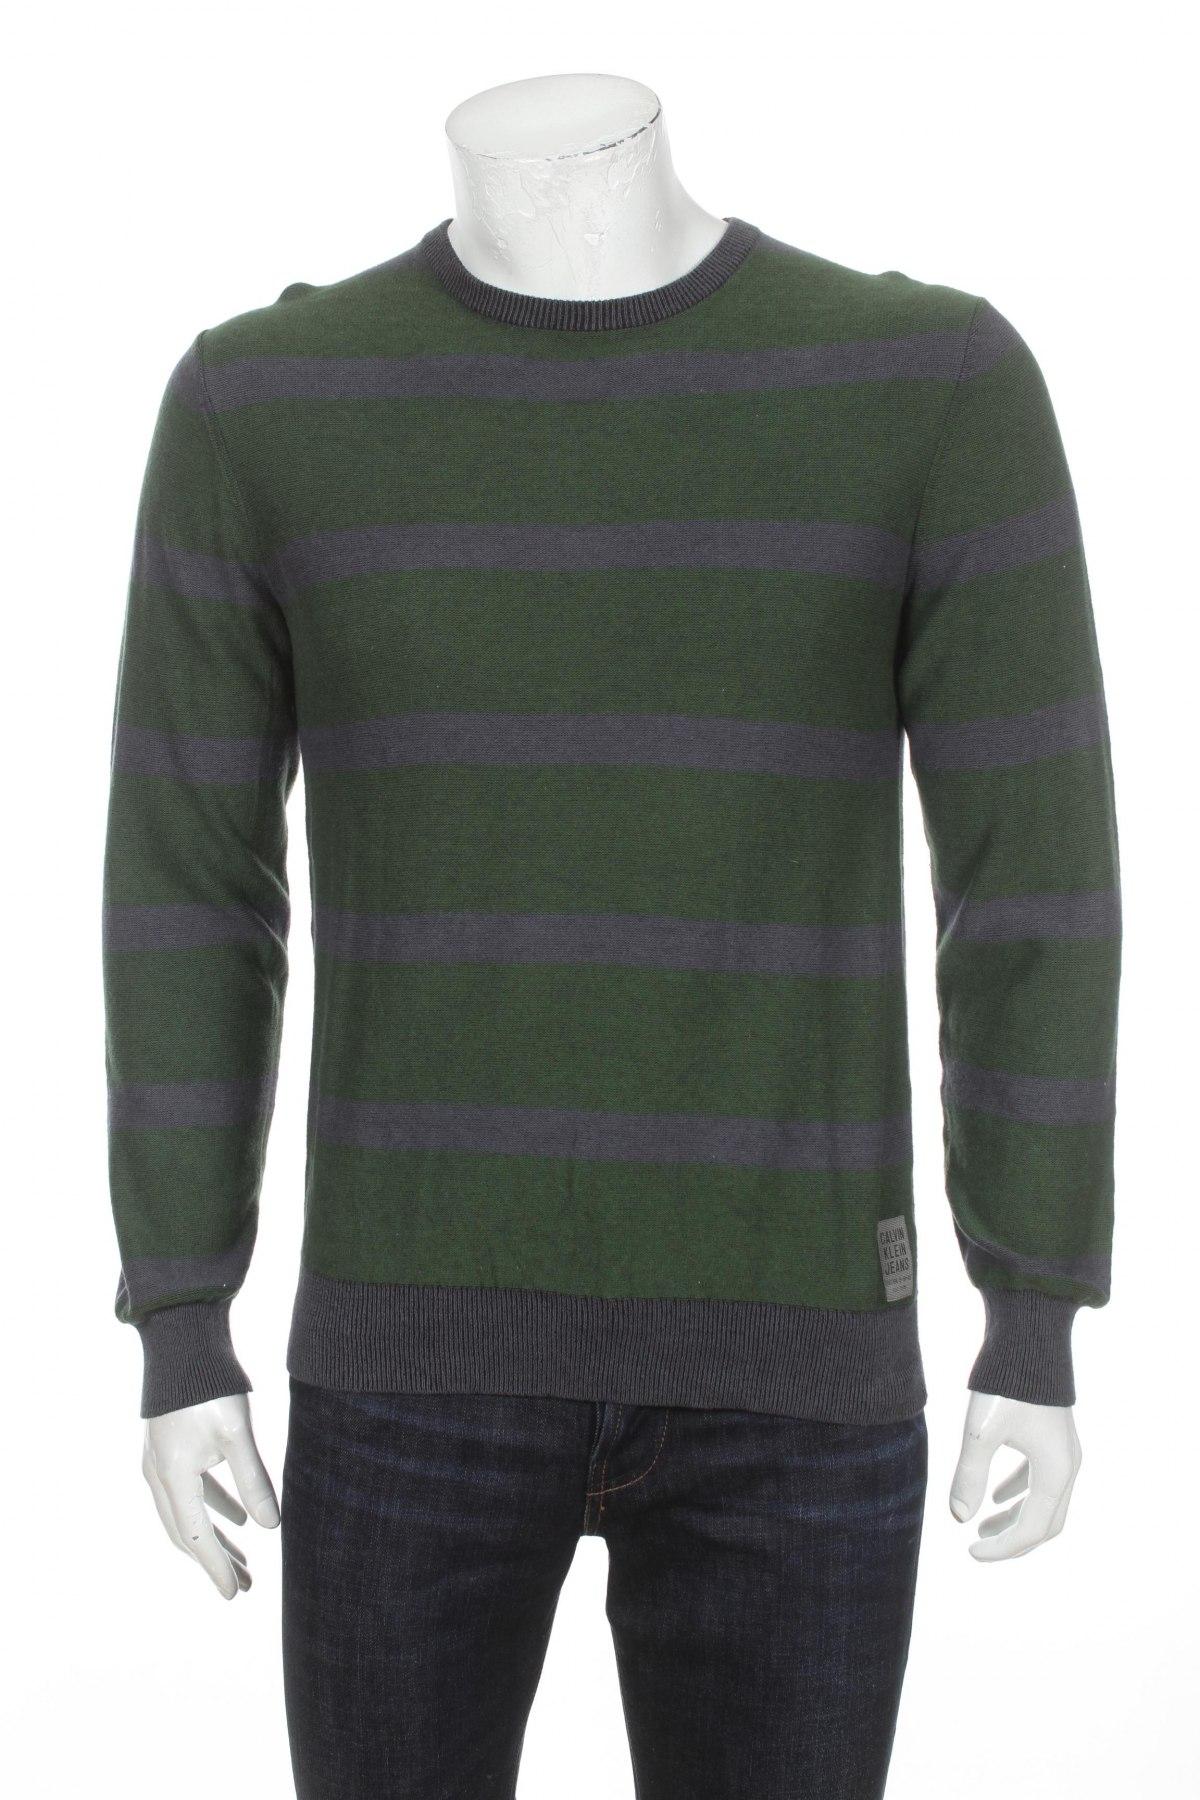 7db6ff36af Pánsky sveter Calvin Klein - za výhodnú cenu na Remix -  103040260